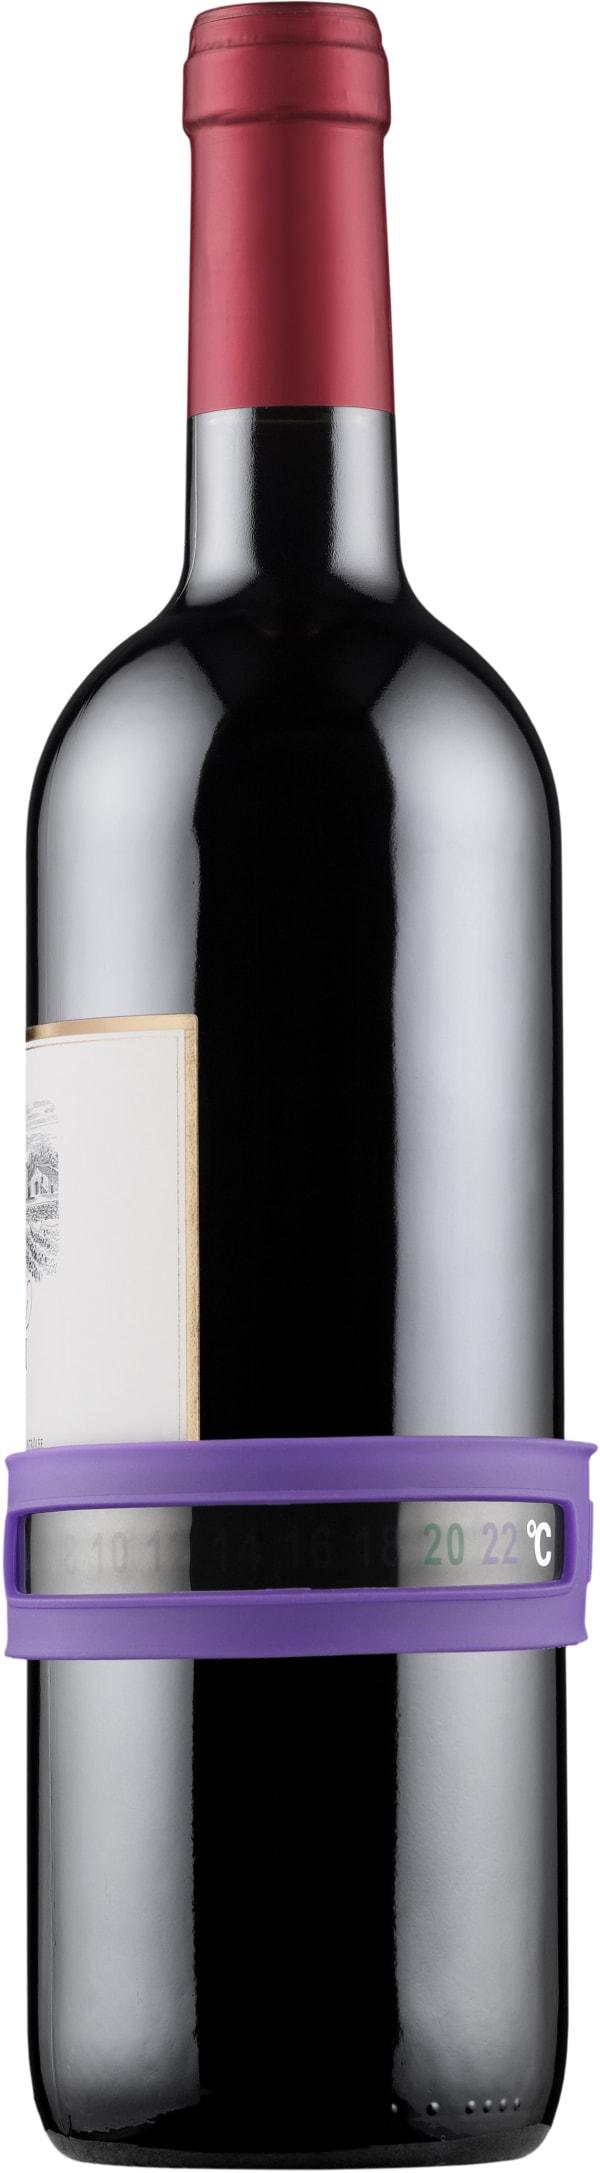 Etiketti wine thermometer